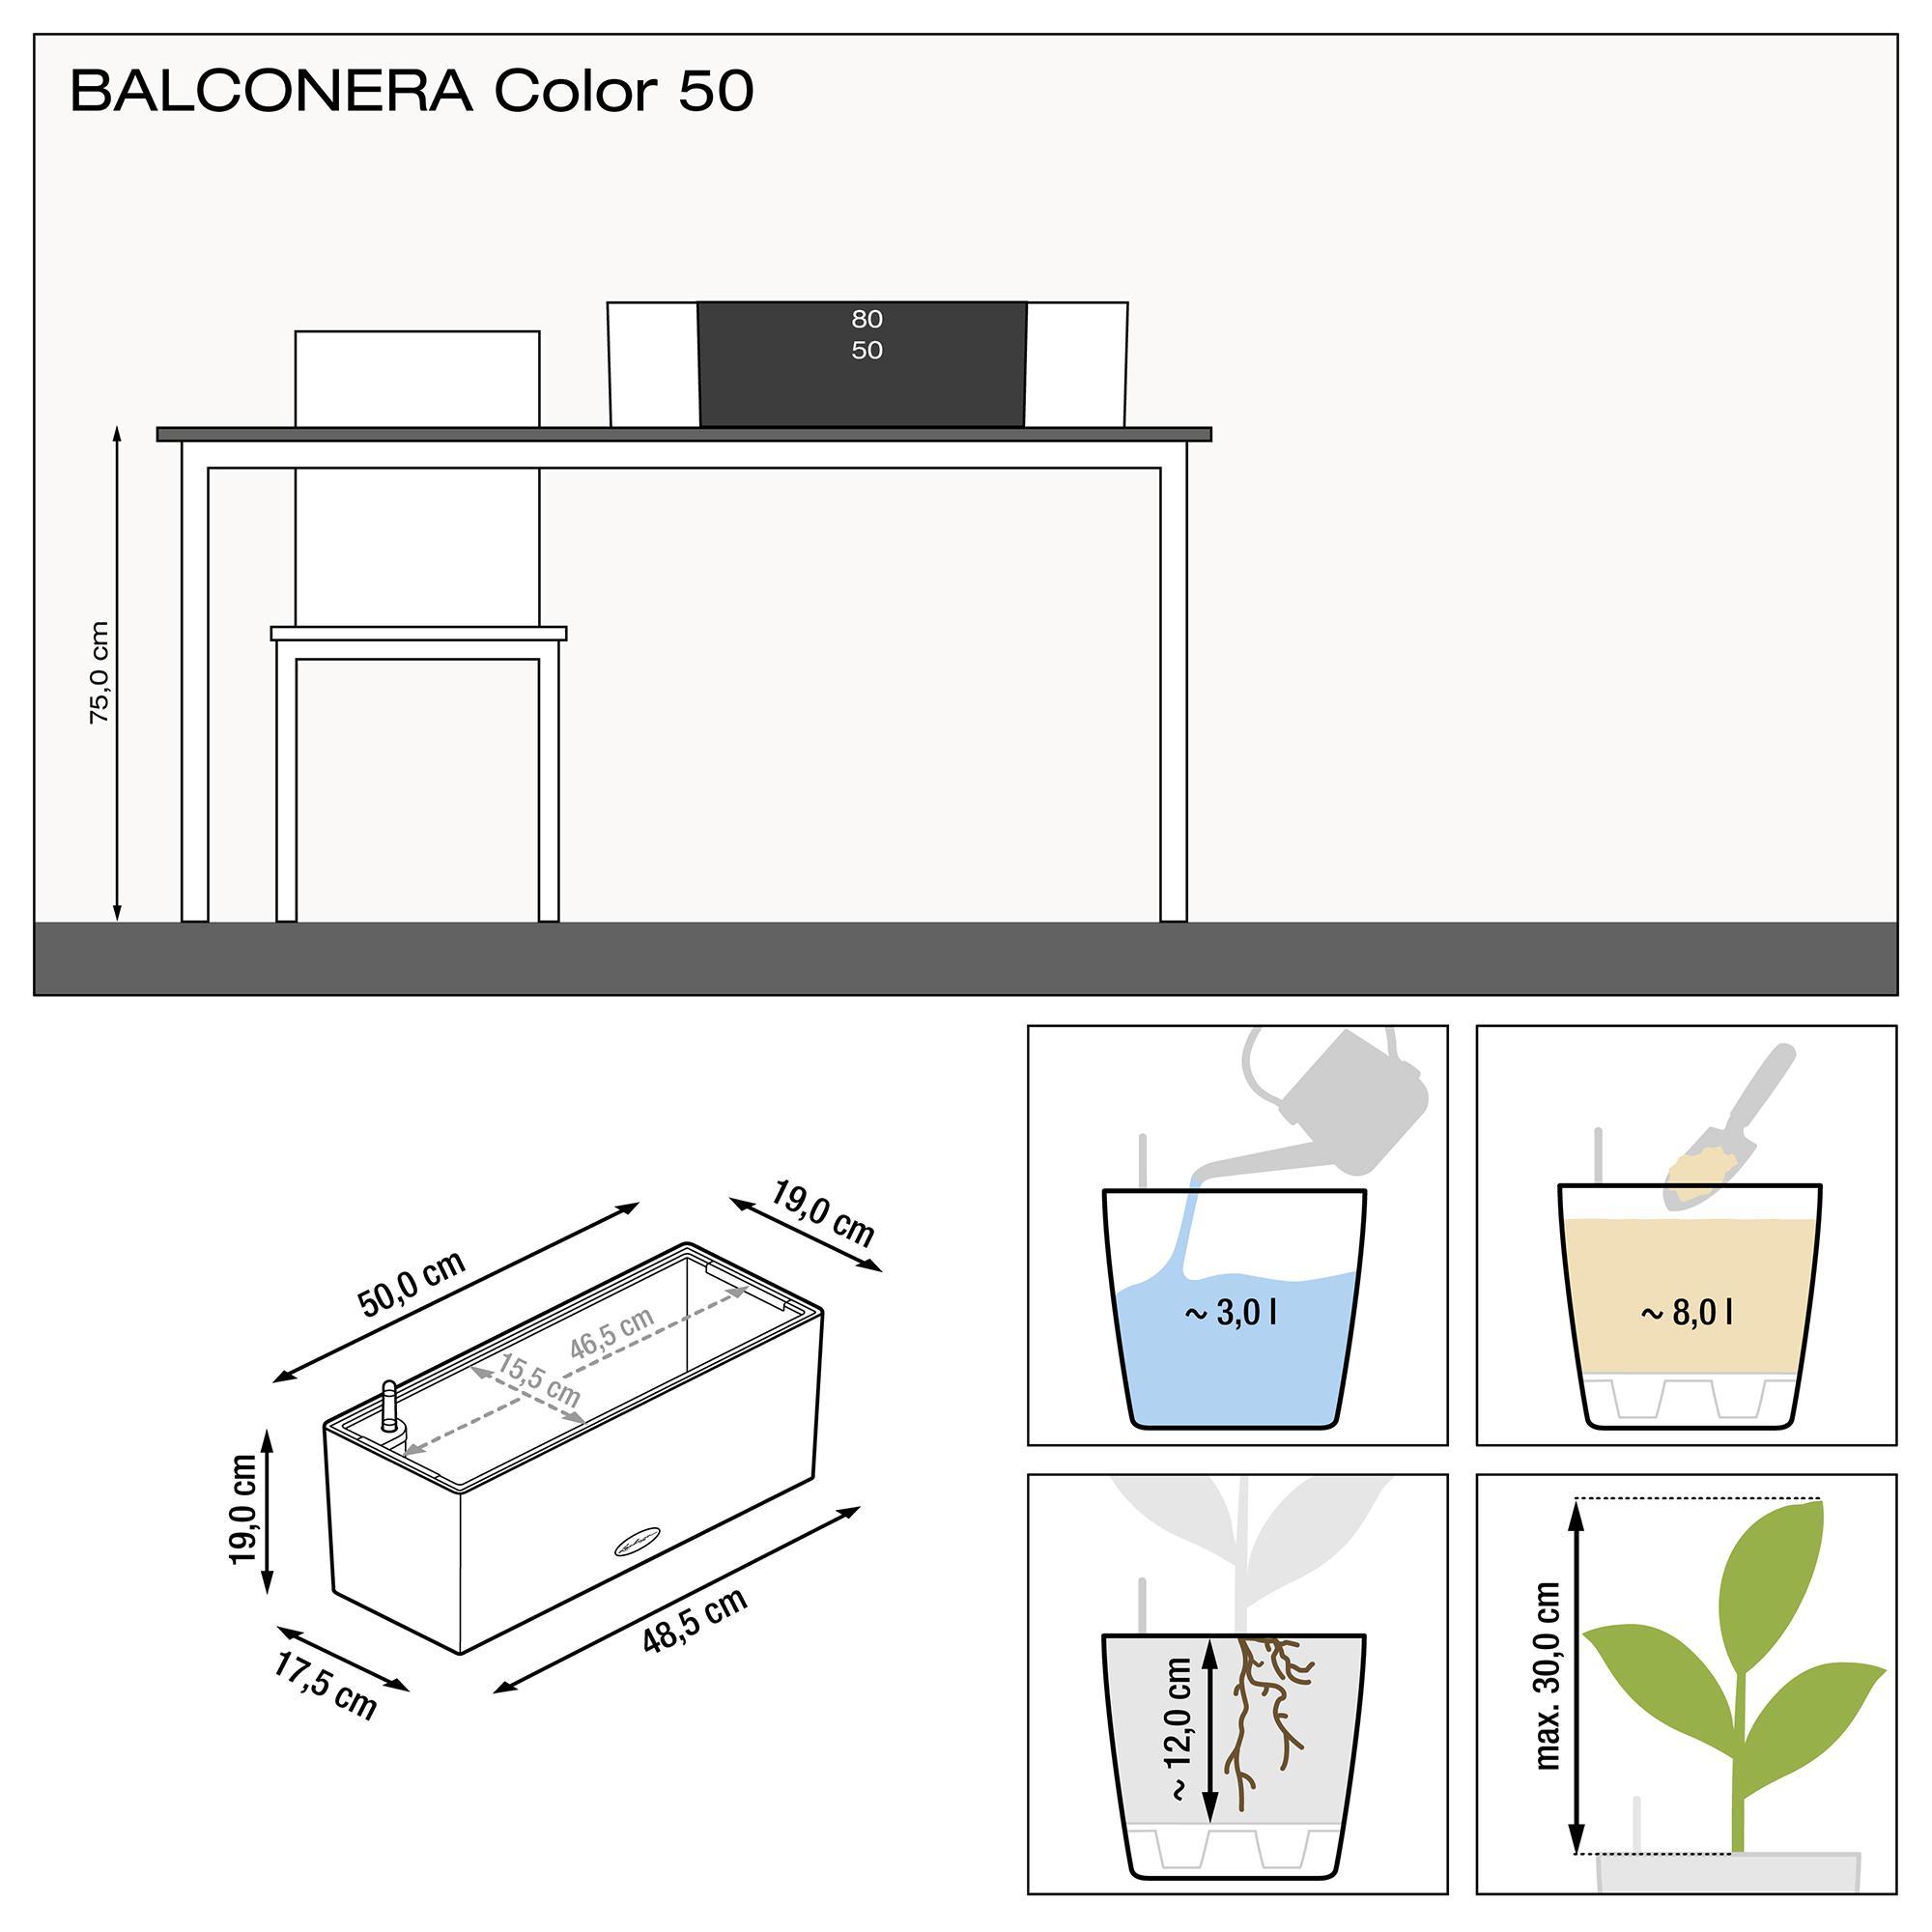 BALCONERA Cottage 50 mocha - Image 3